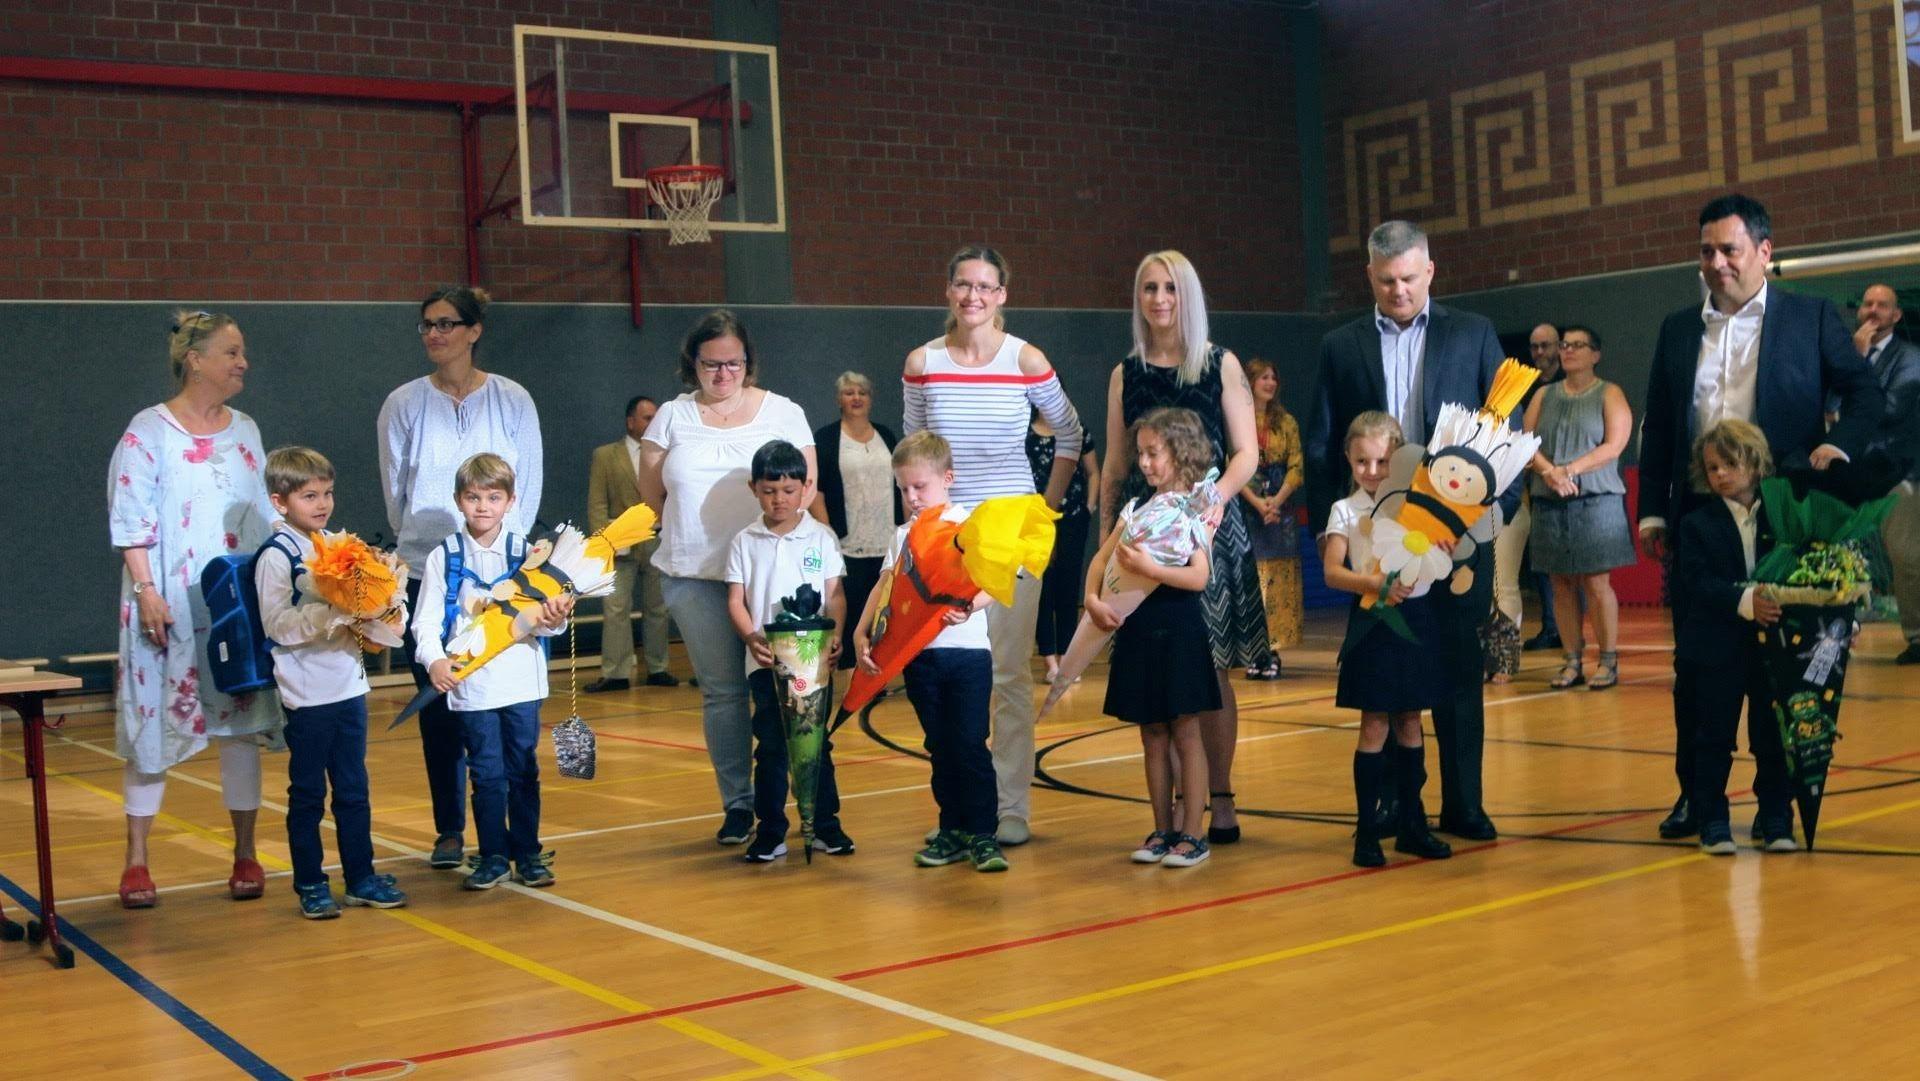 Begrüßung der Erstklässler in der International School Mainfranken